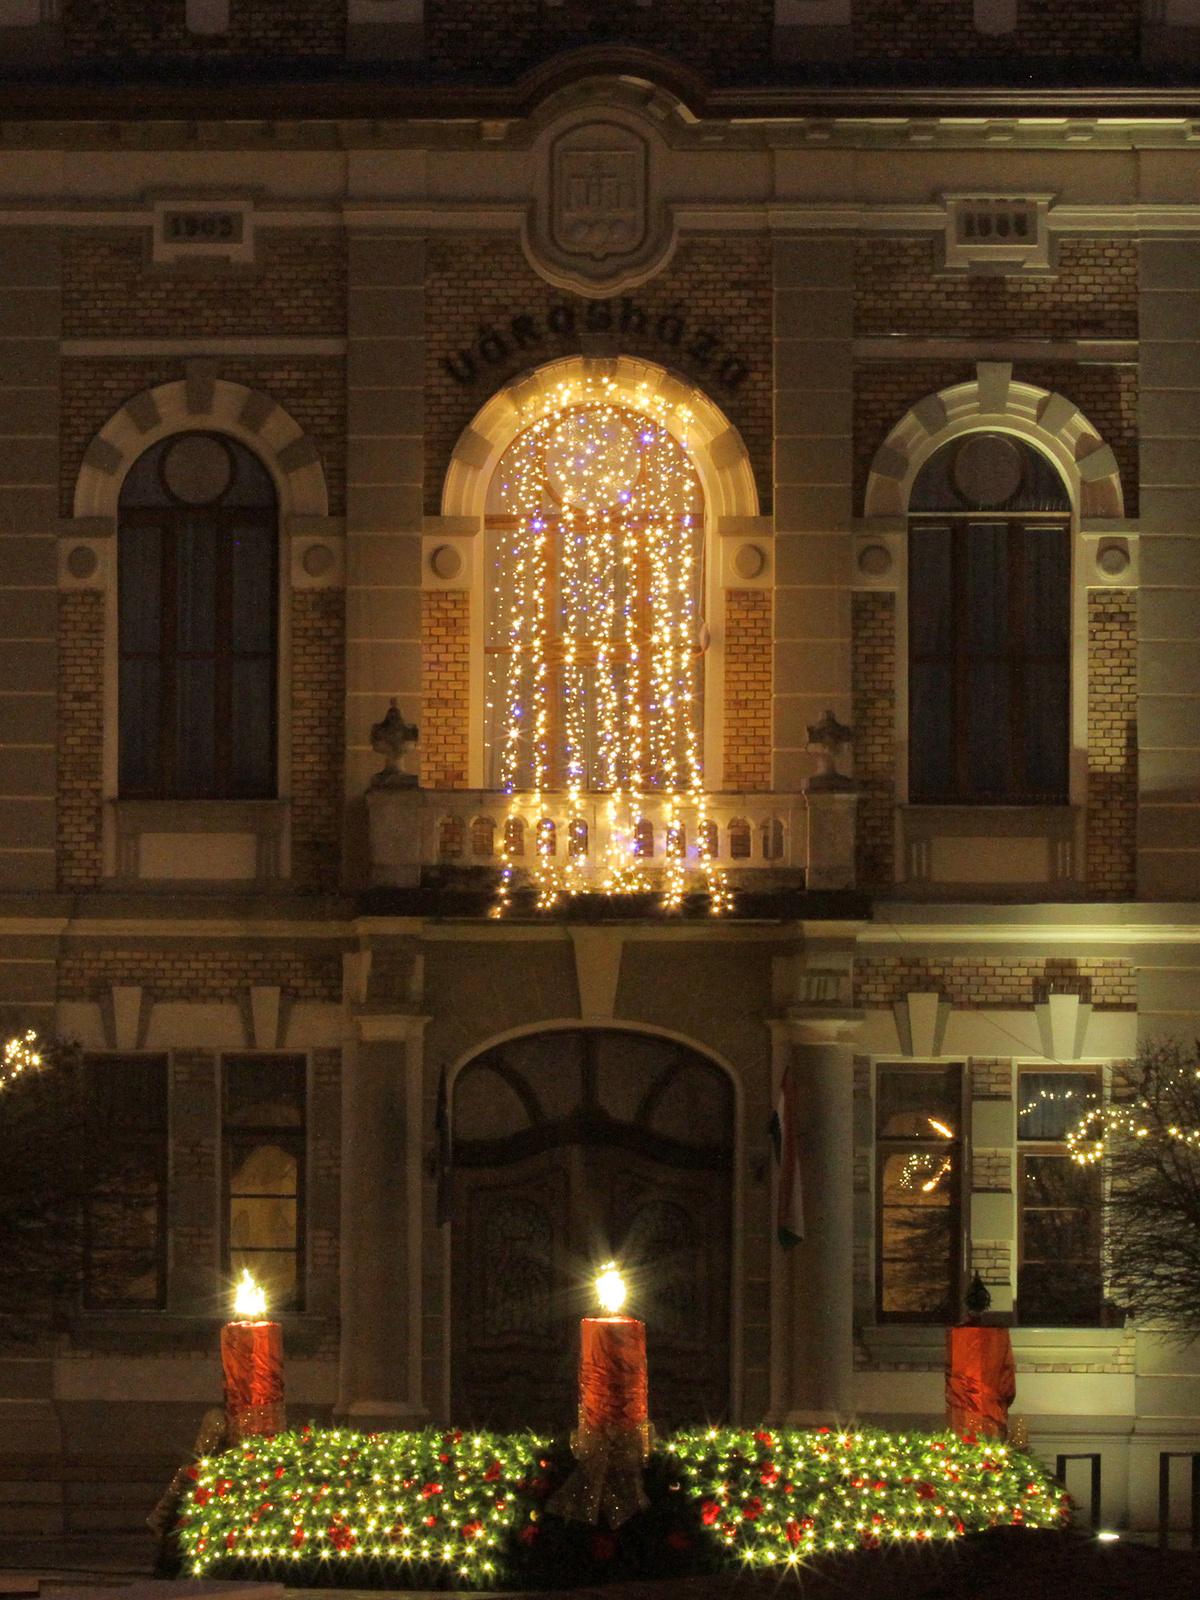 Adventi koszorú a városháza előtt